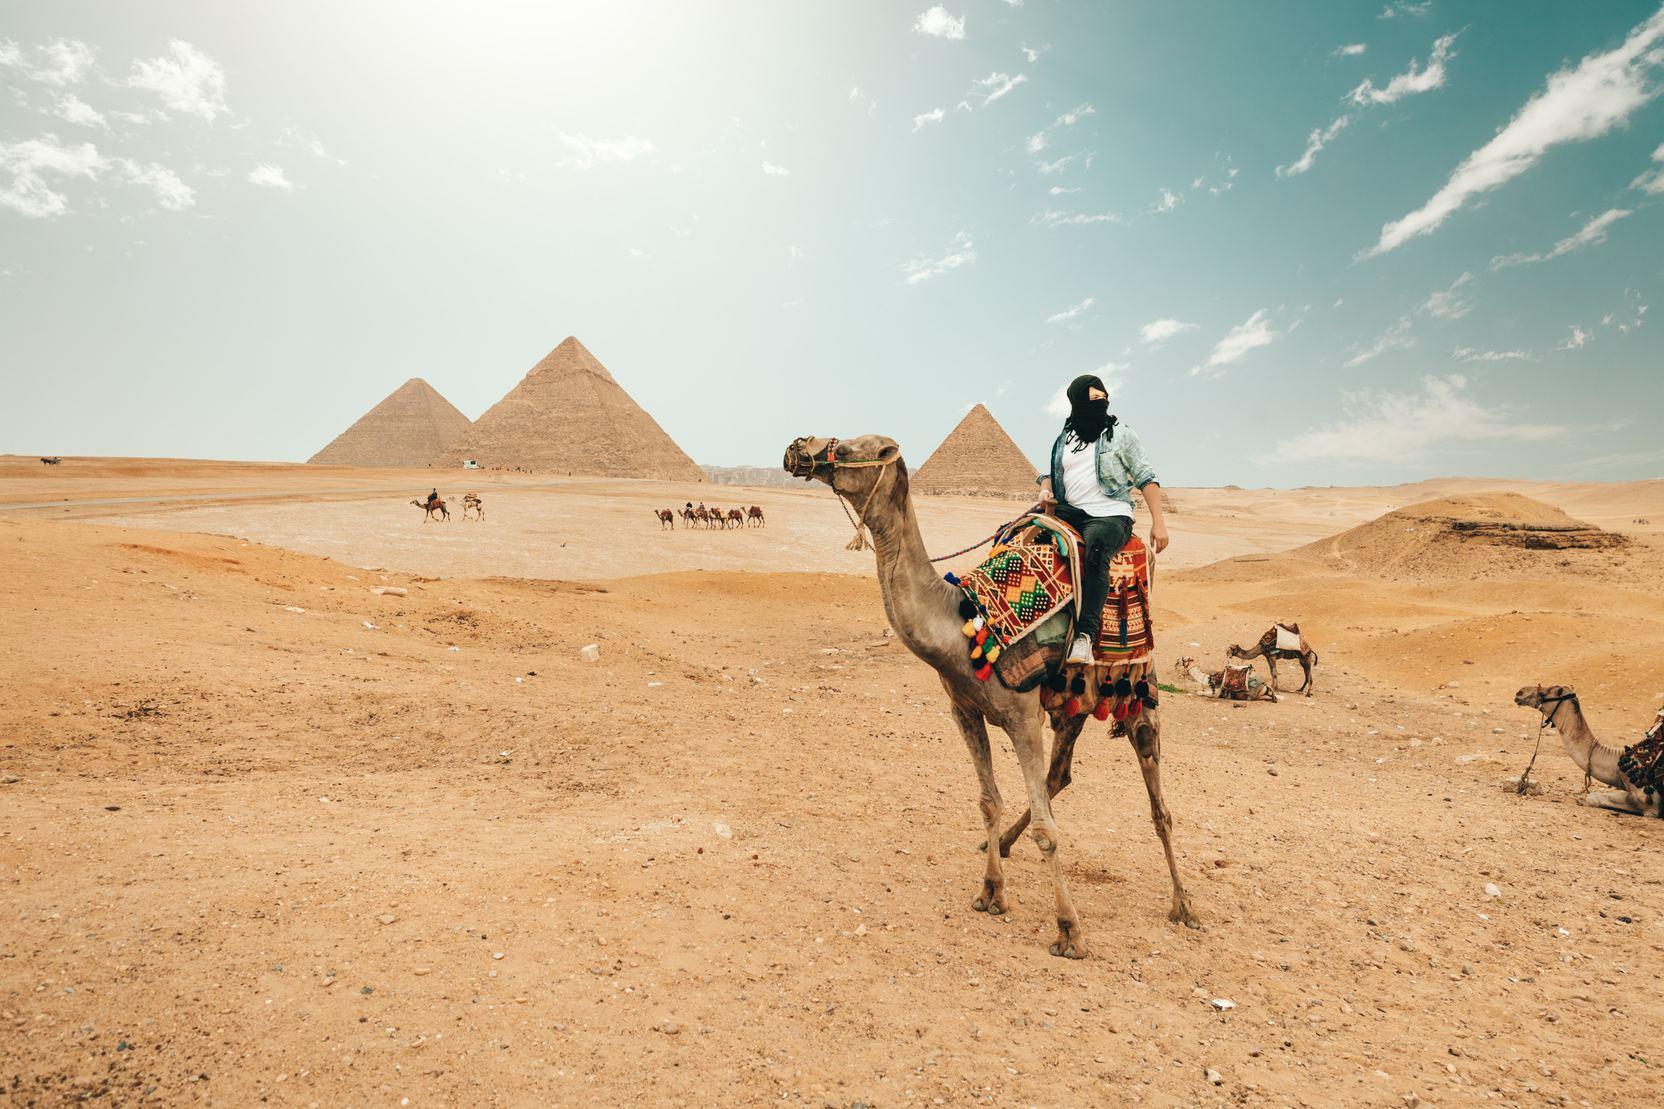 Египет хорошо, а вакцинация лучше! Вирусолог предрек новую COVID-волну